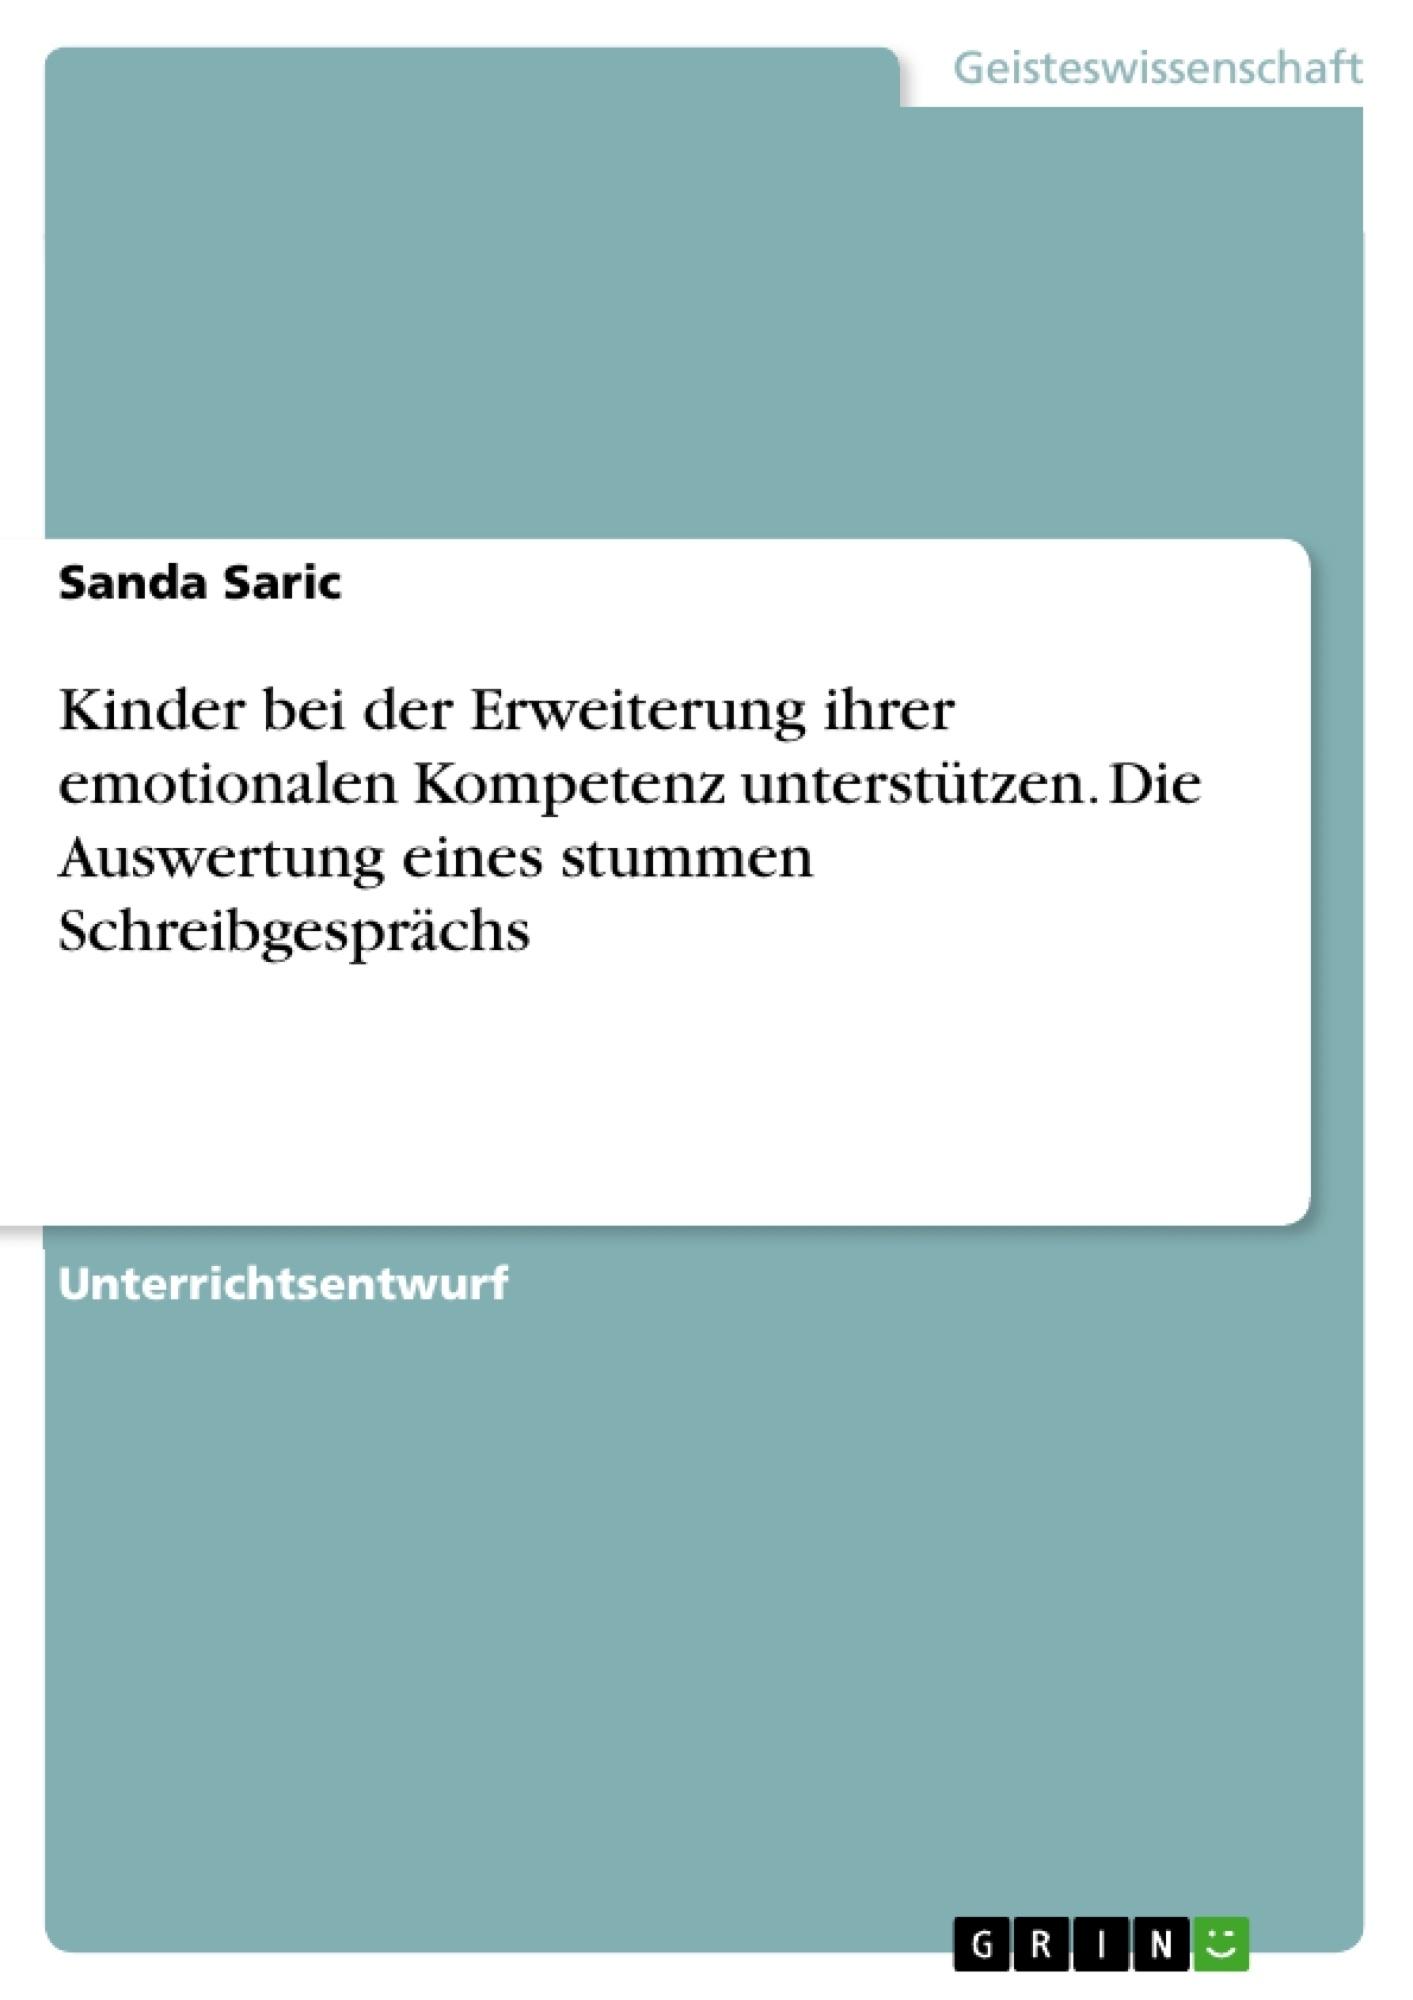 Titel: Kinder bei der Erweiterung ihrer emotionalen Kompetenz unterstützen. Die Auswertung eines stummen Schreibgesprächs